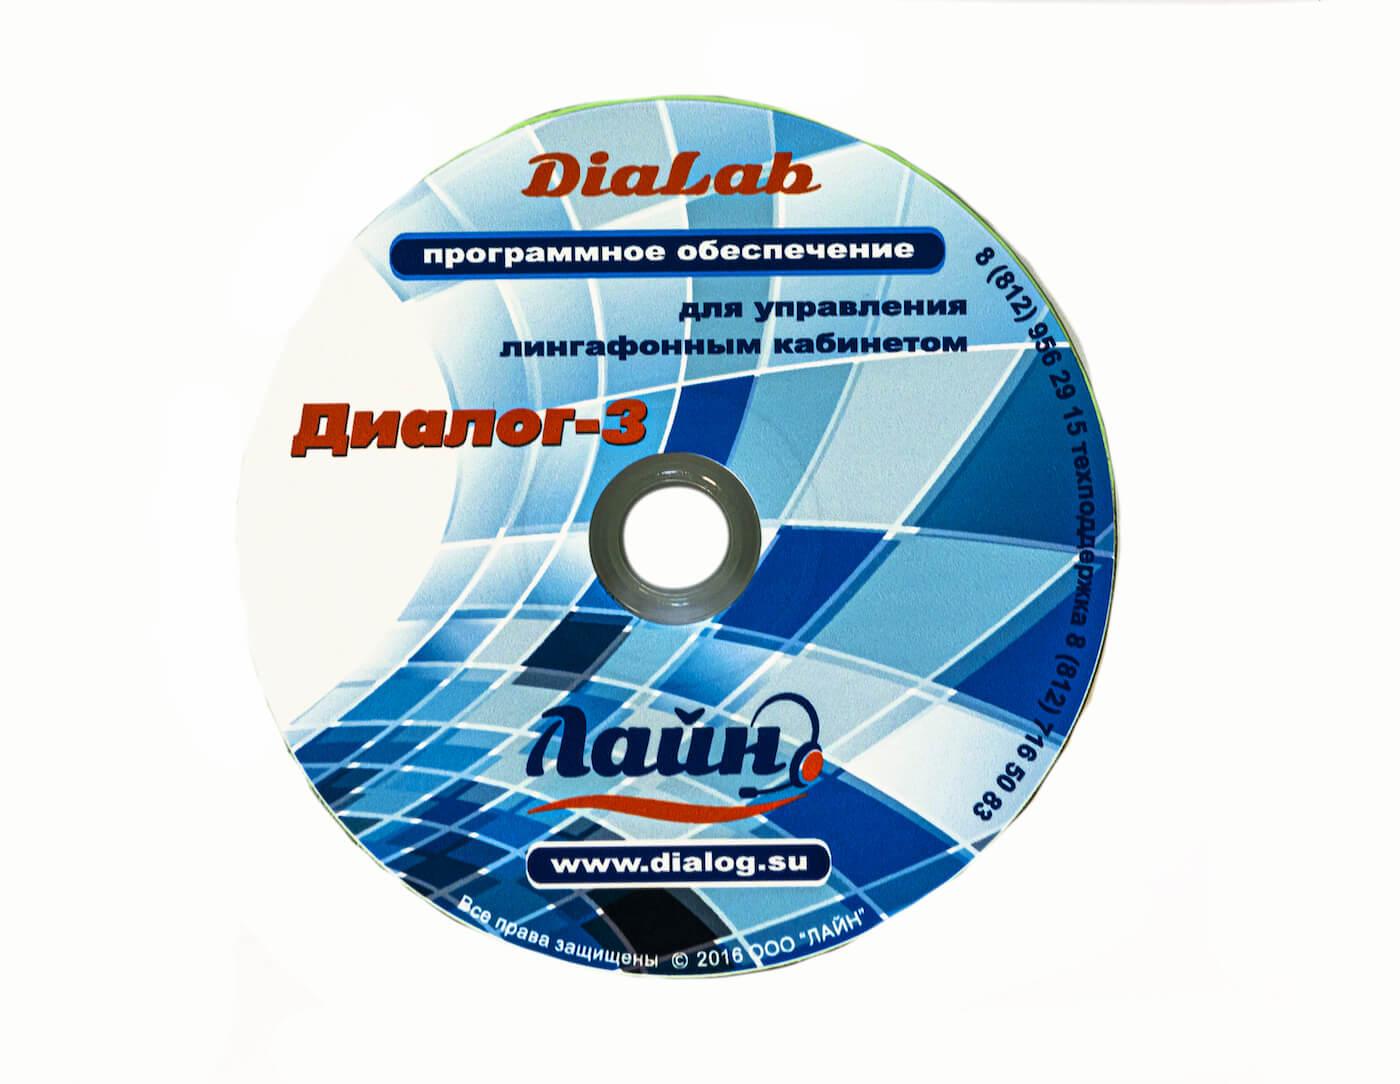 Программное обеспечение DiaLab